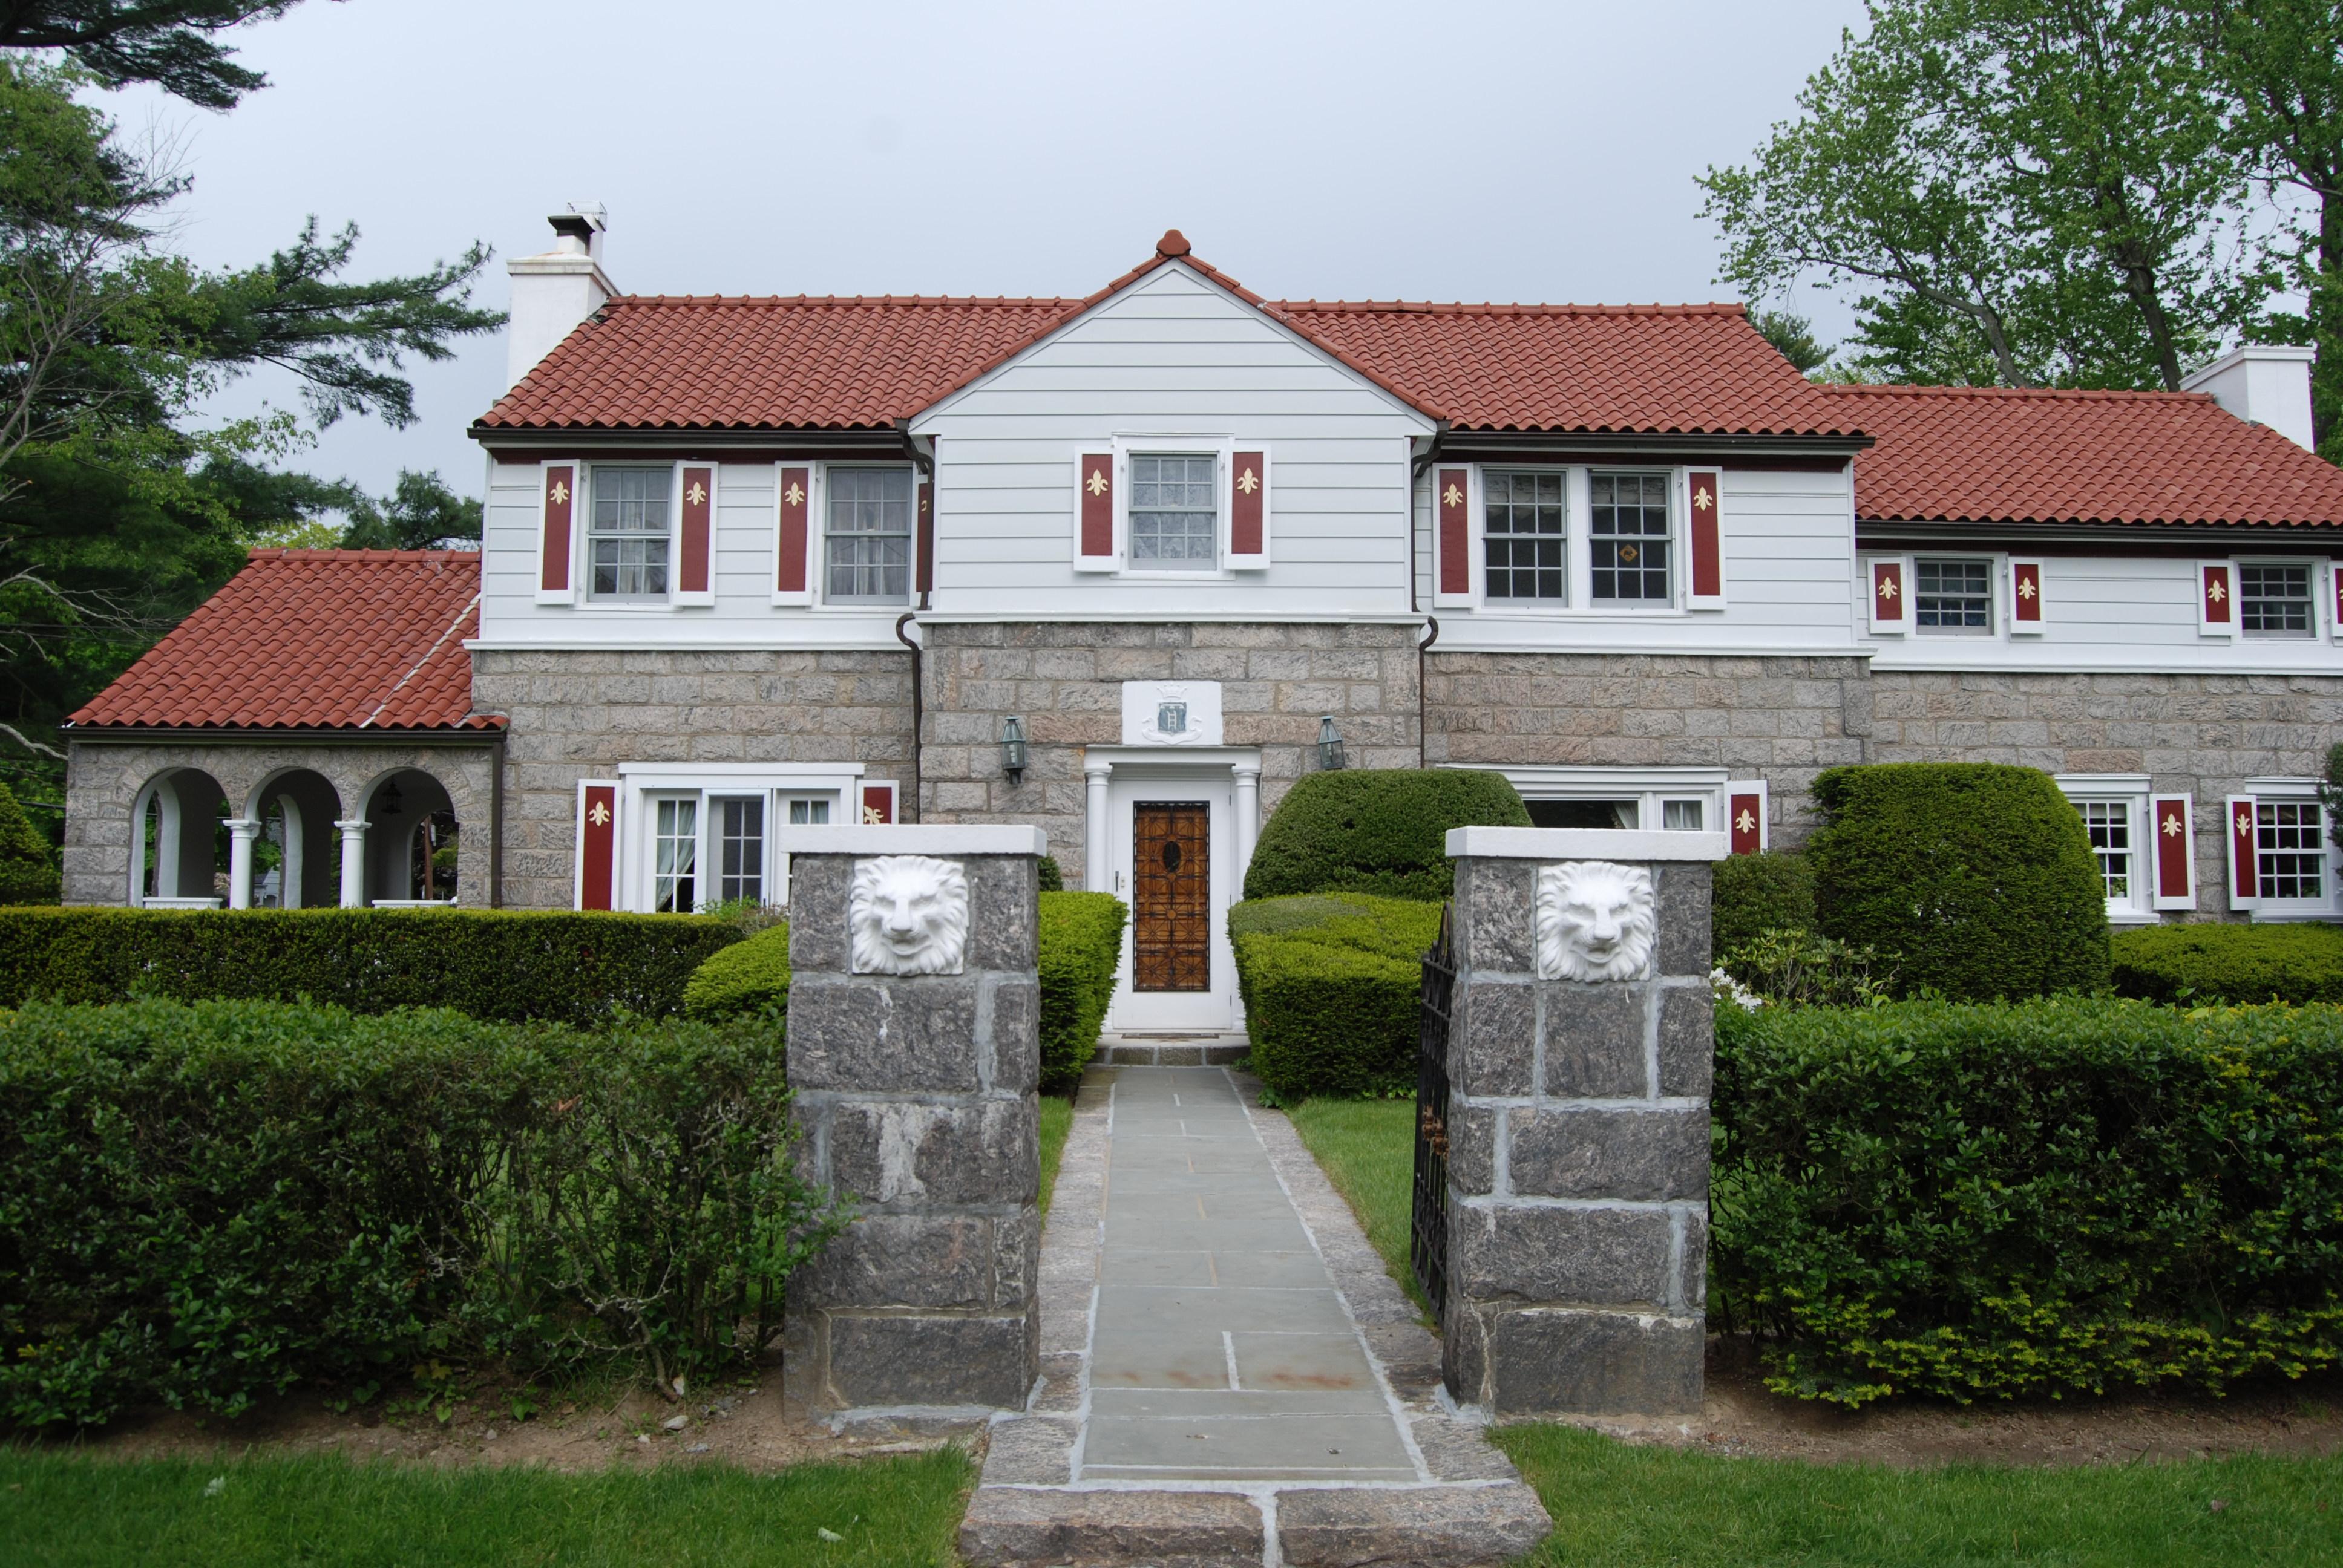 Частный односемейный дом для того Аренда на Fabulous Scarsdale Rental 95 Brite Avenue Scarsdale, Нью-Йорк 10583 Соединенные Штаты